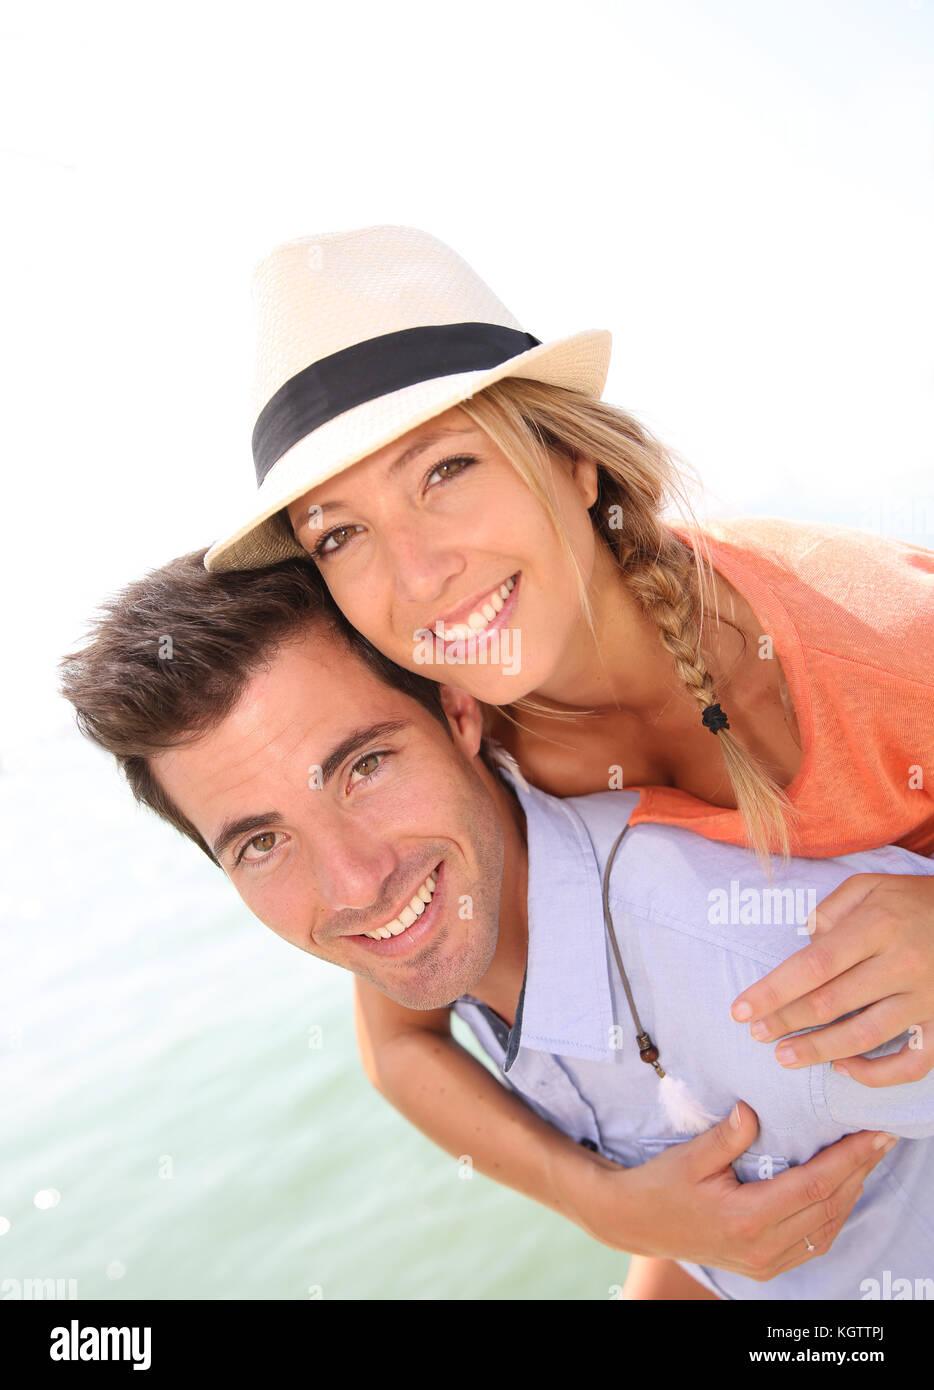 Man giving piggyback ride de belle fille blonde avec chapeau Photo Stock